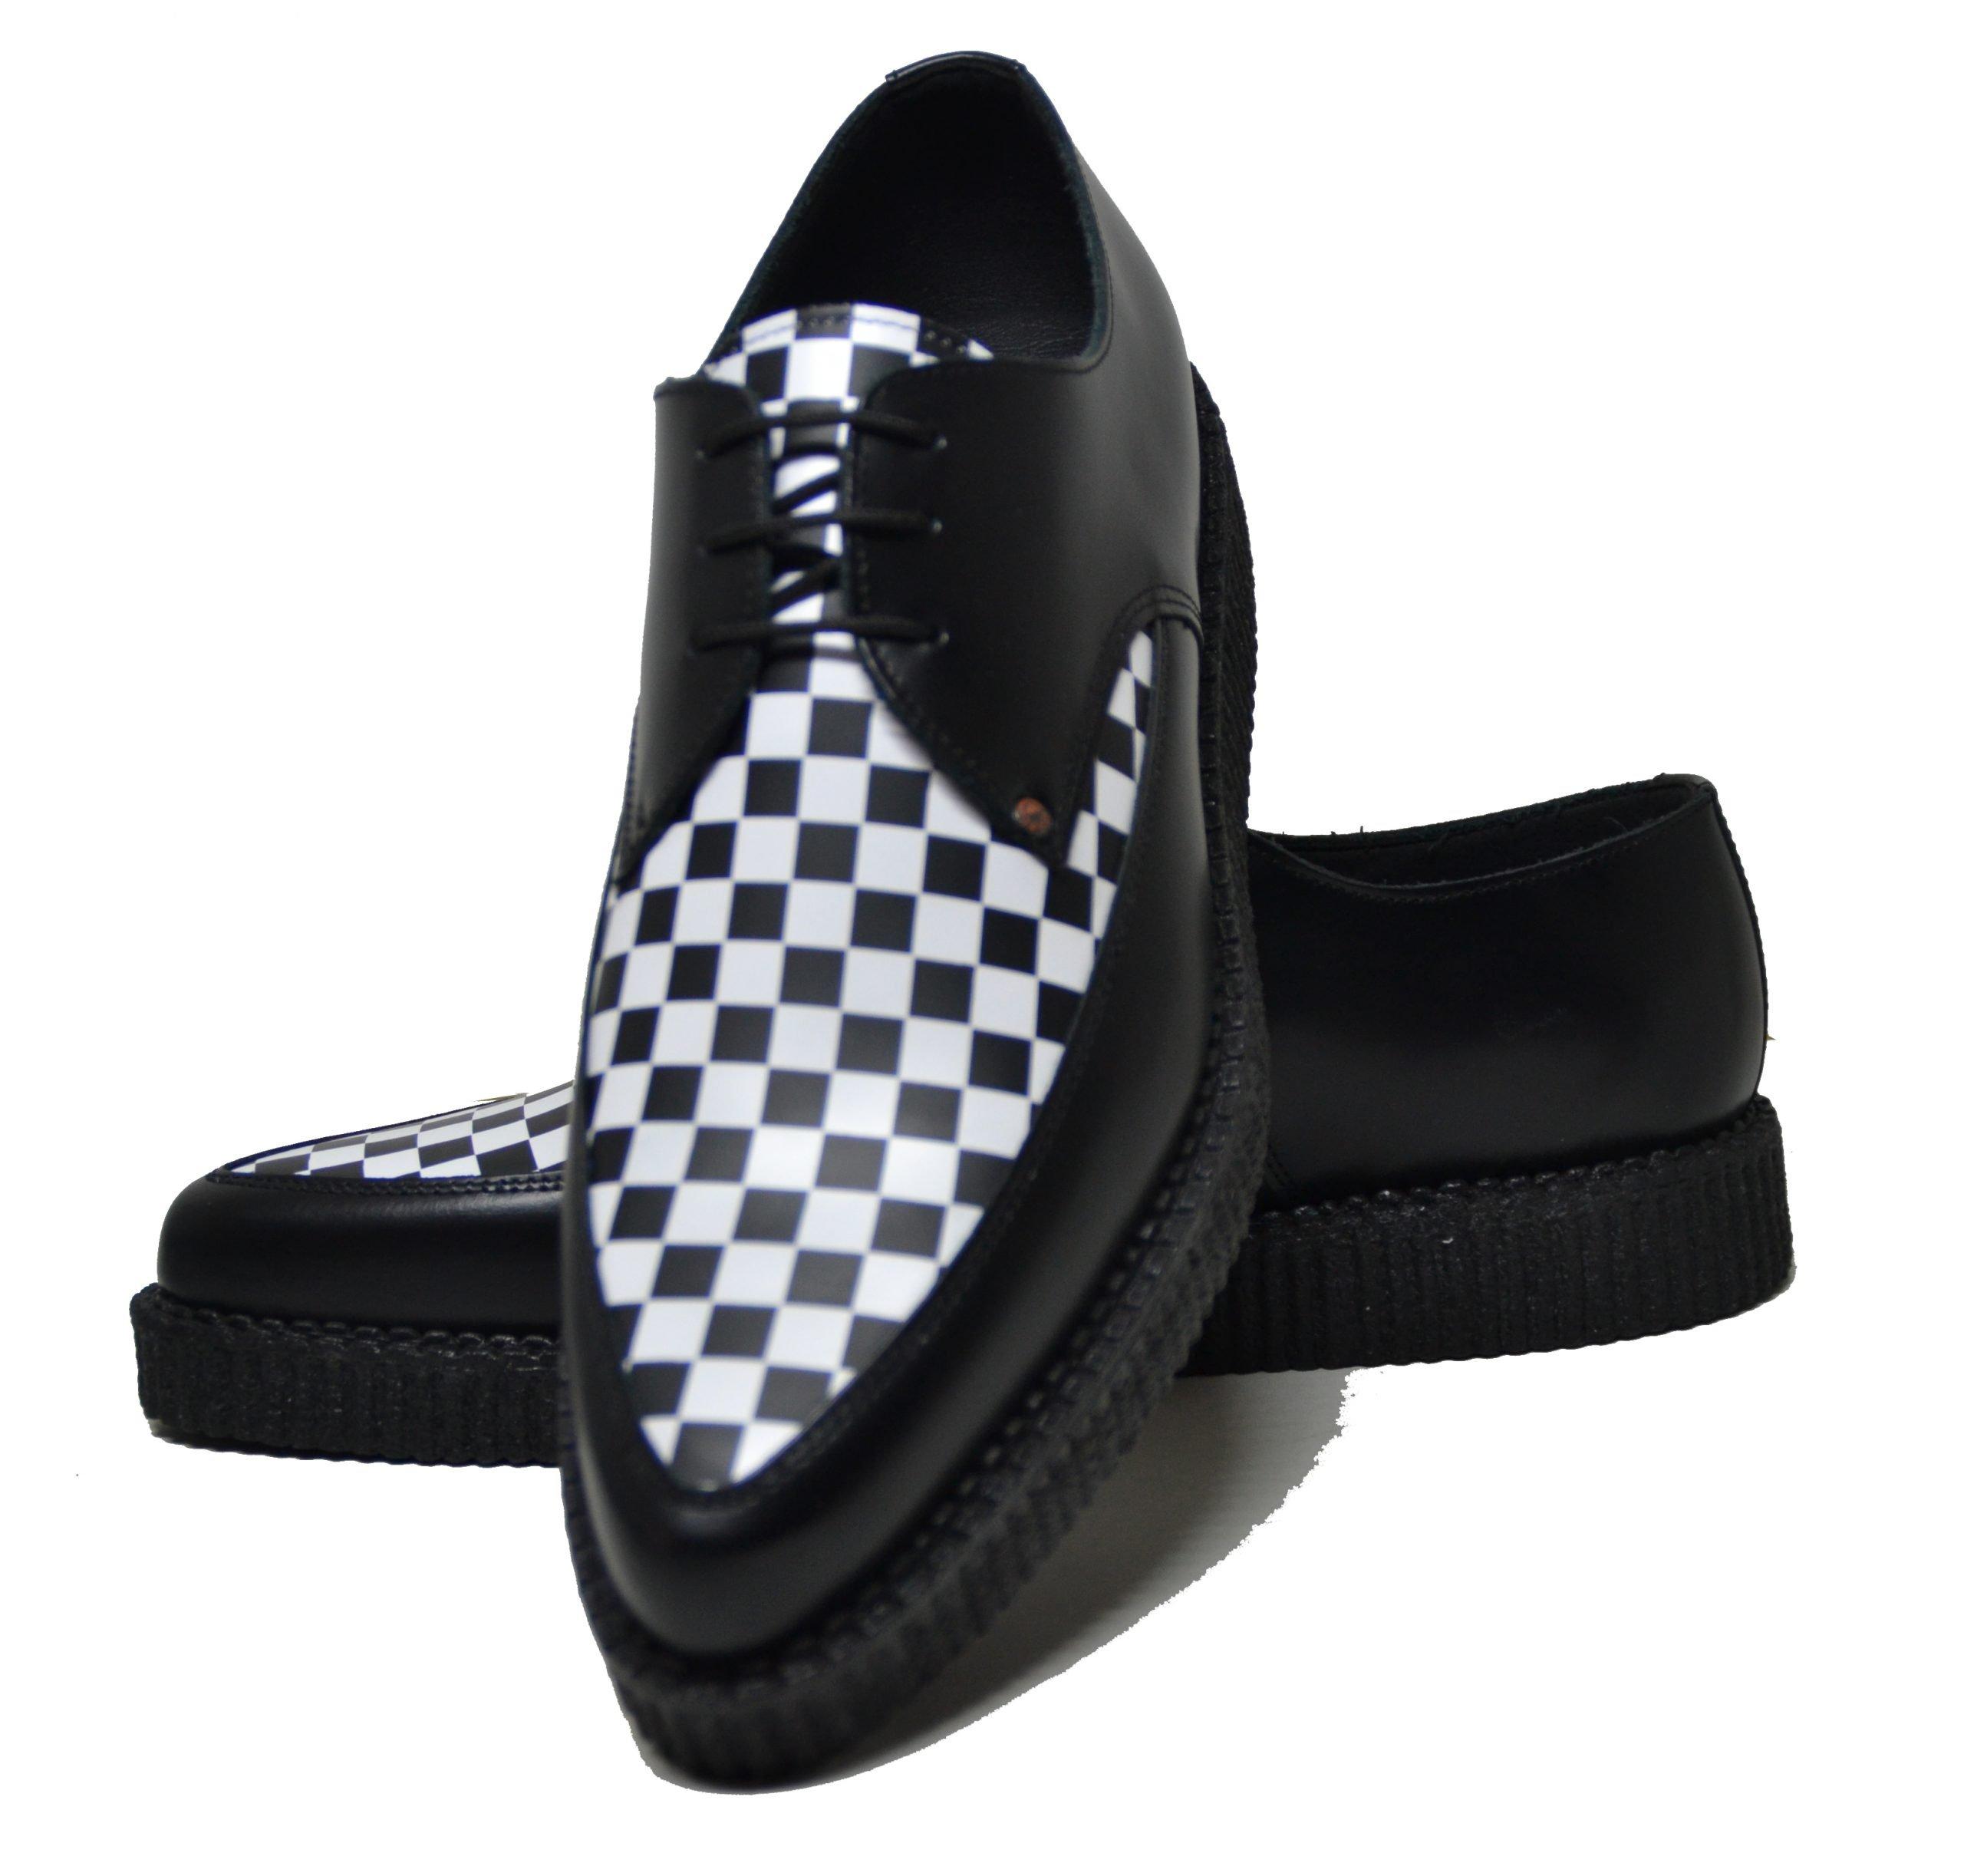 Sapato creeper pointed, com cordão e espelho liso